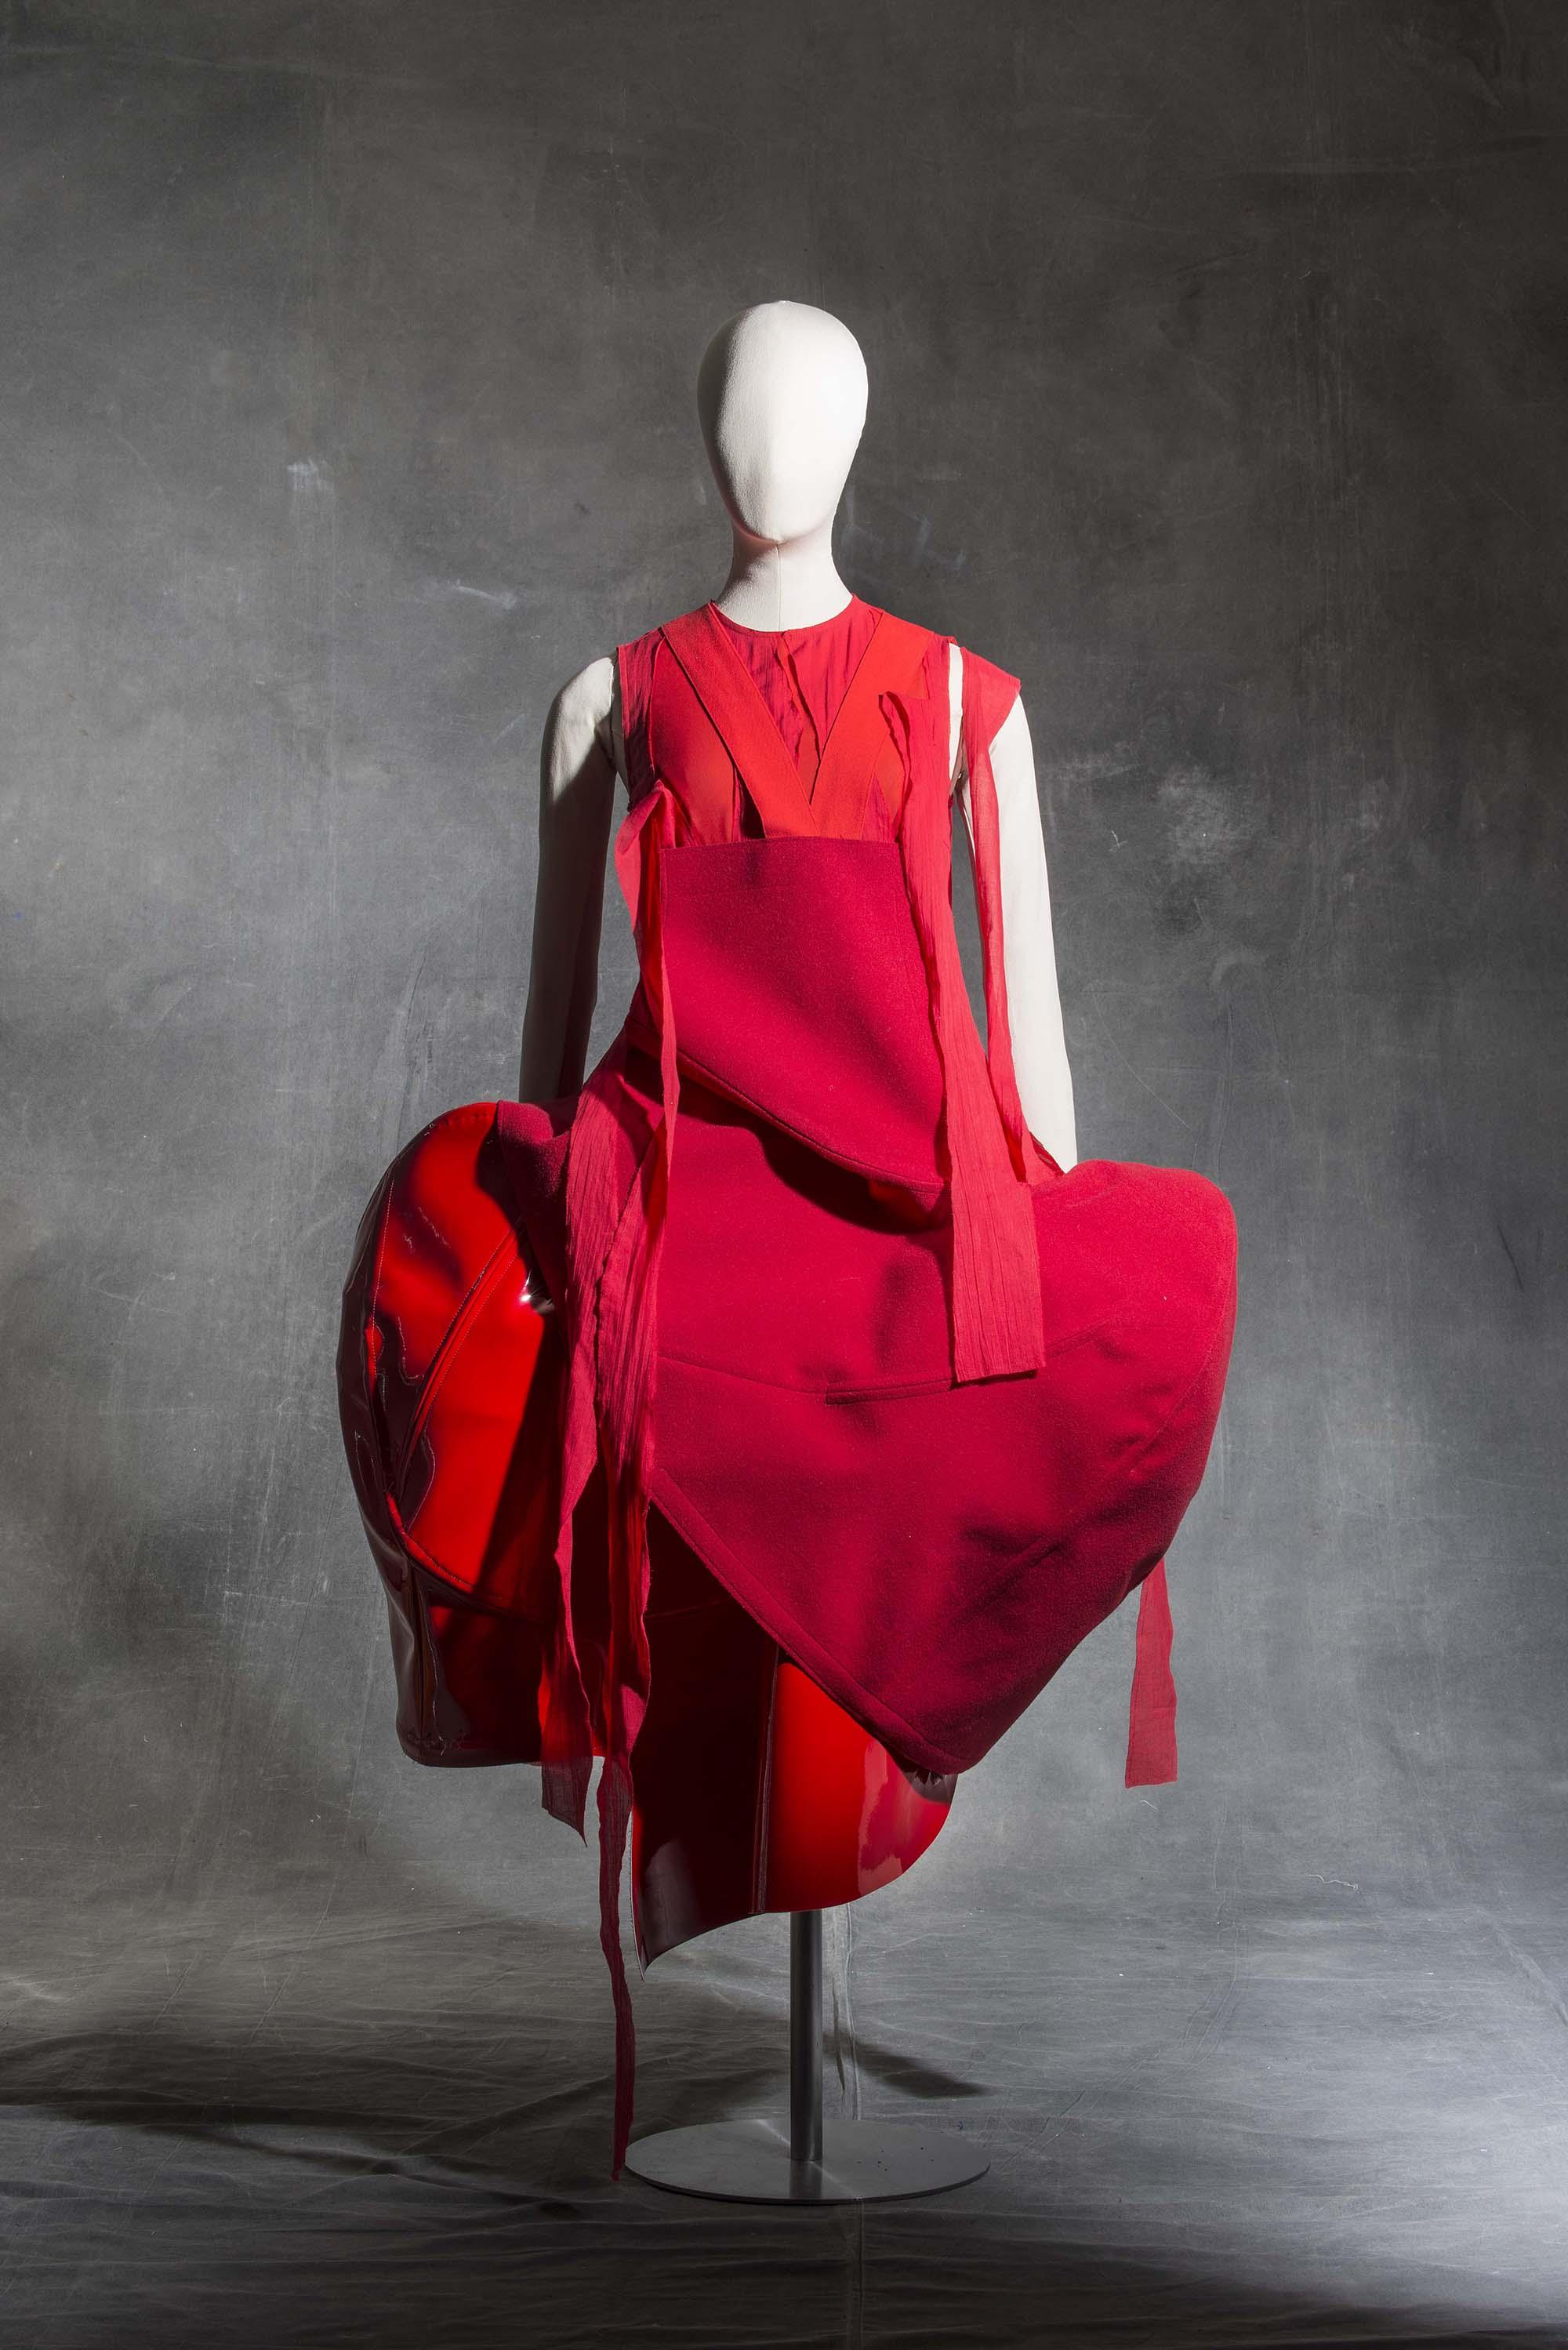 Comme des Garçons, Robe, printemps-été 2015 Collection Mode et Textile © Les Arts Décoratifs, Paris / photo : Jean Tholance